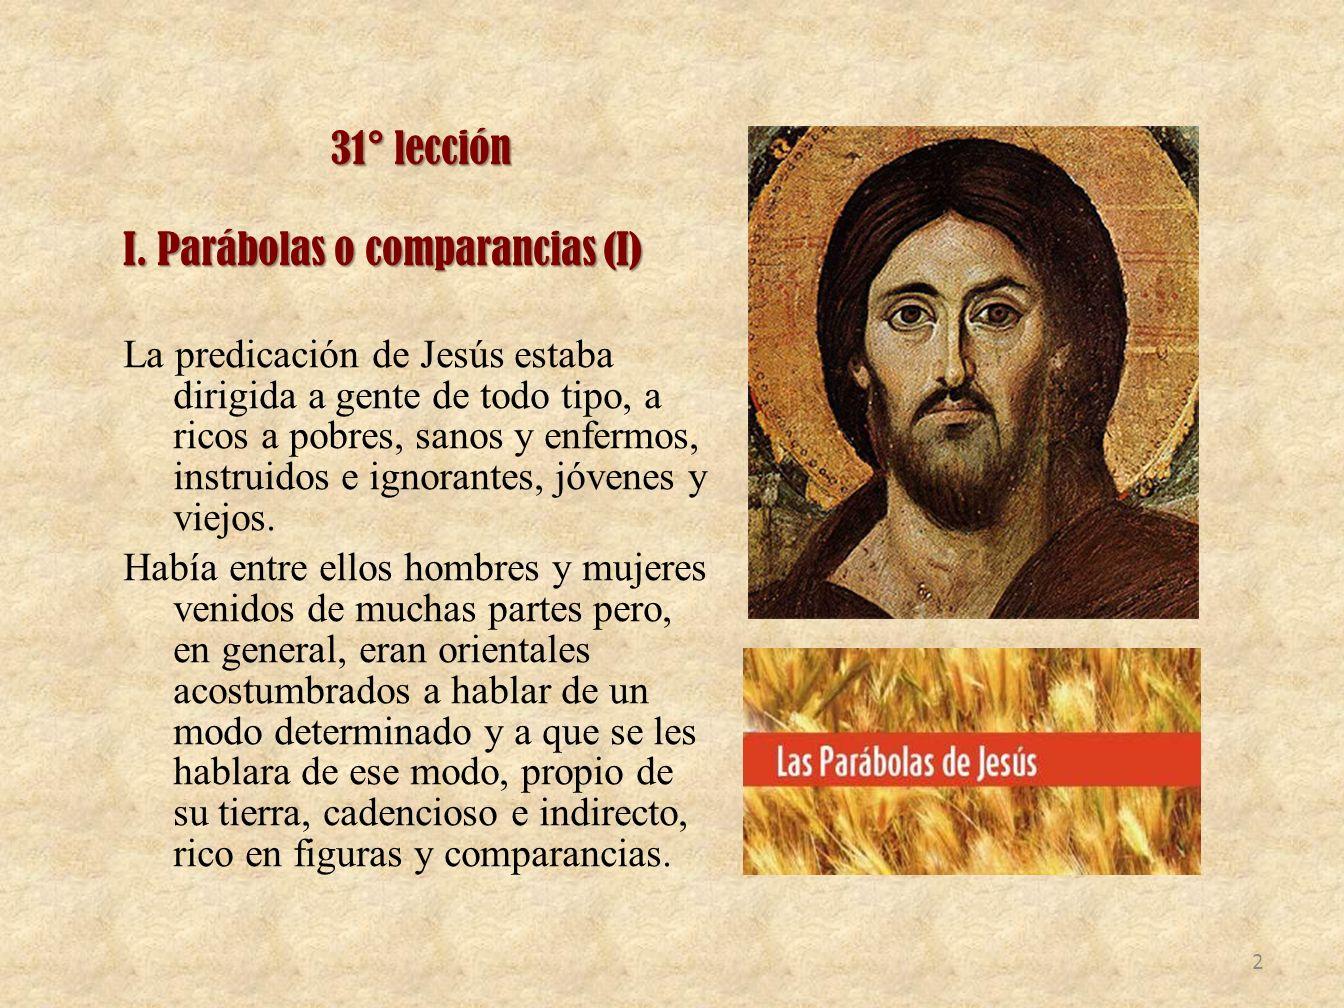 El sacerdote además se inclina un poco en la Consagración, cuando profiere las palabras del Señor.